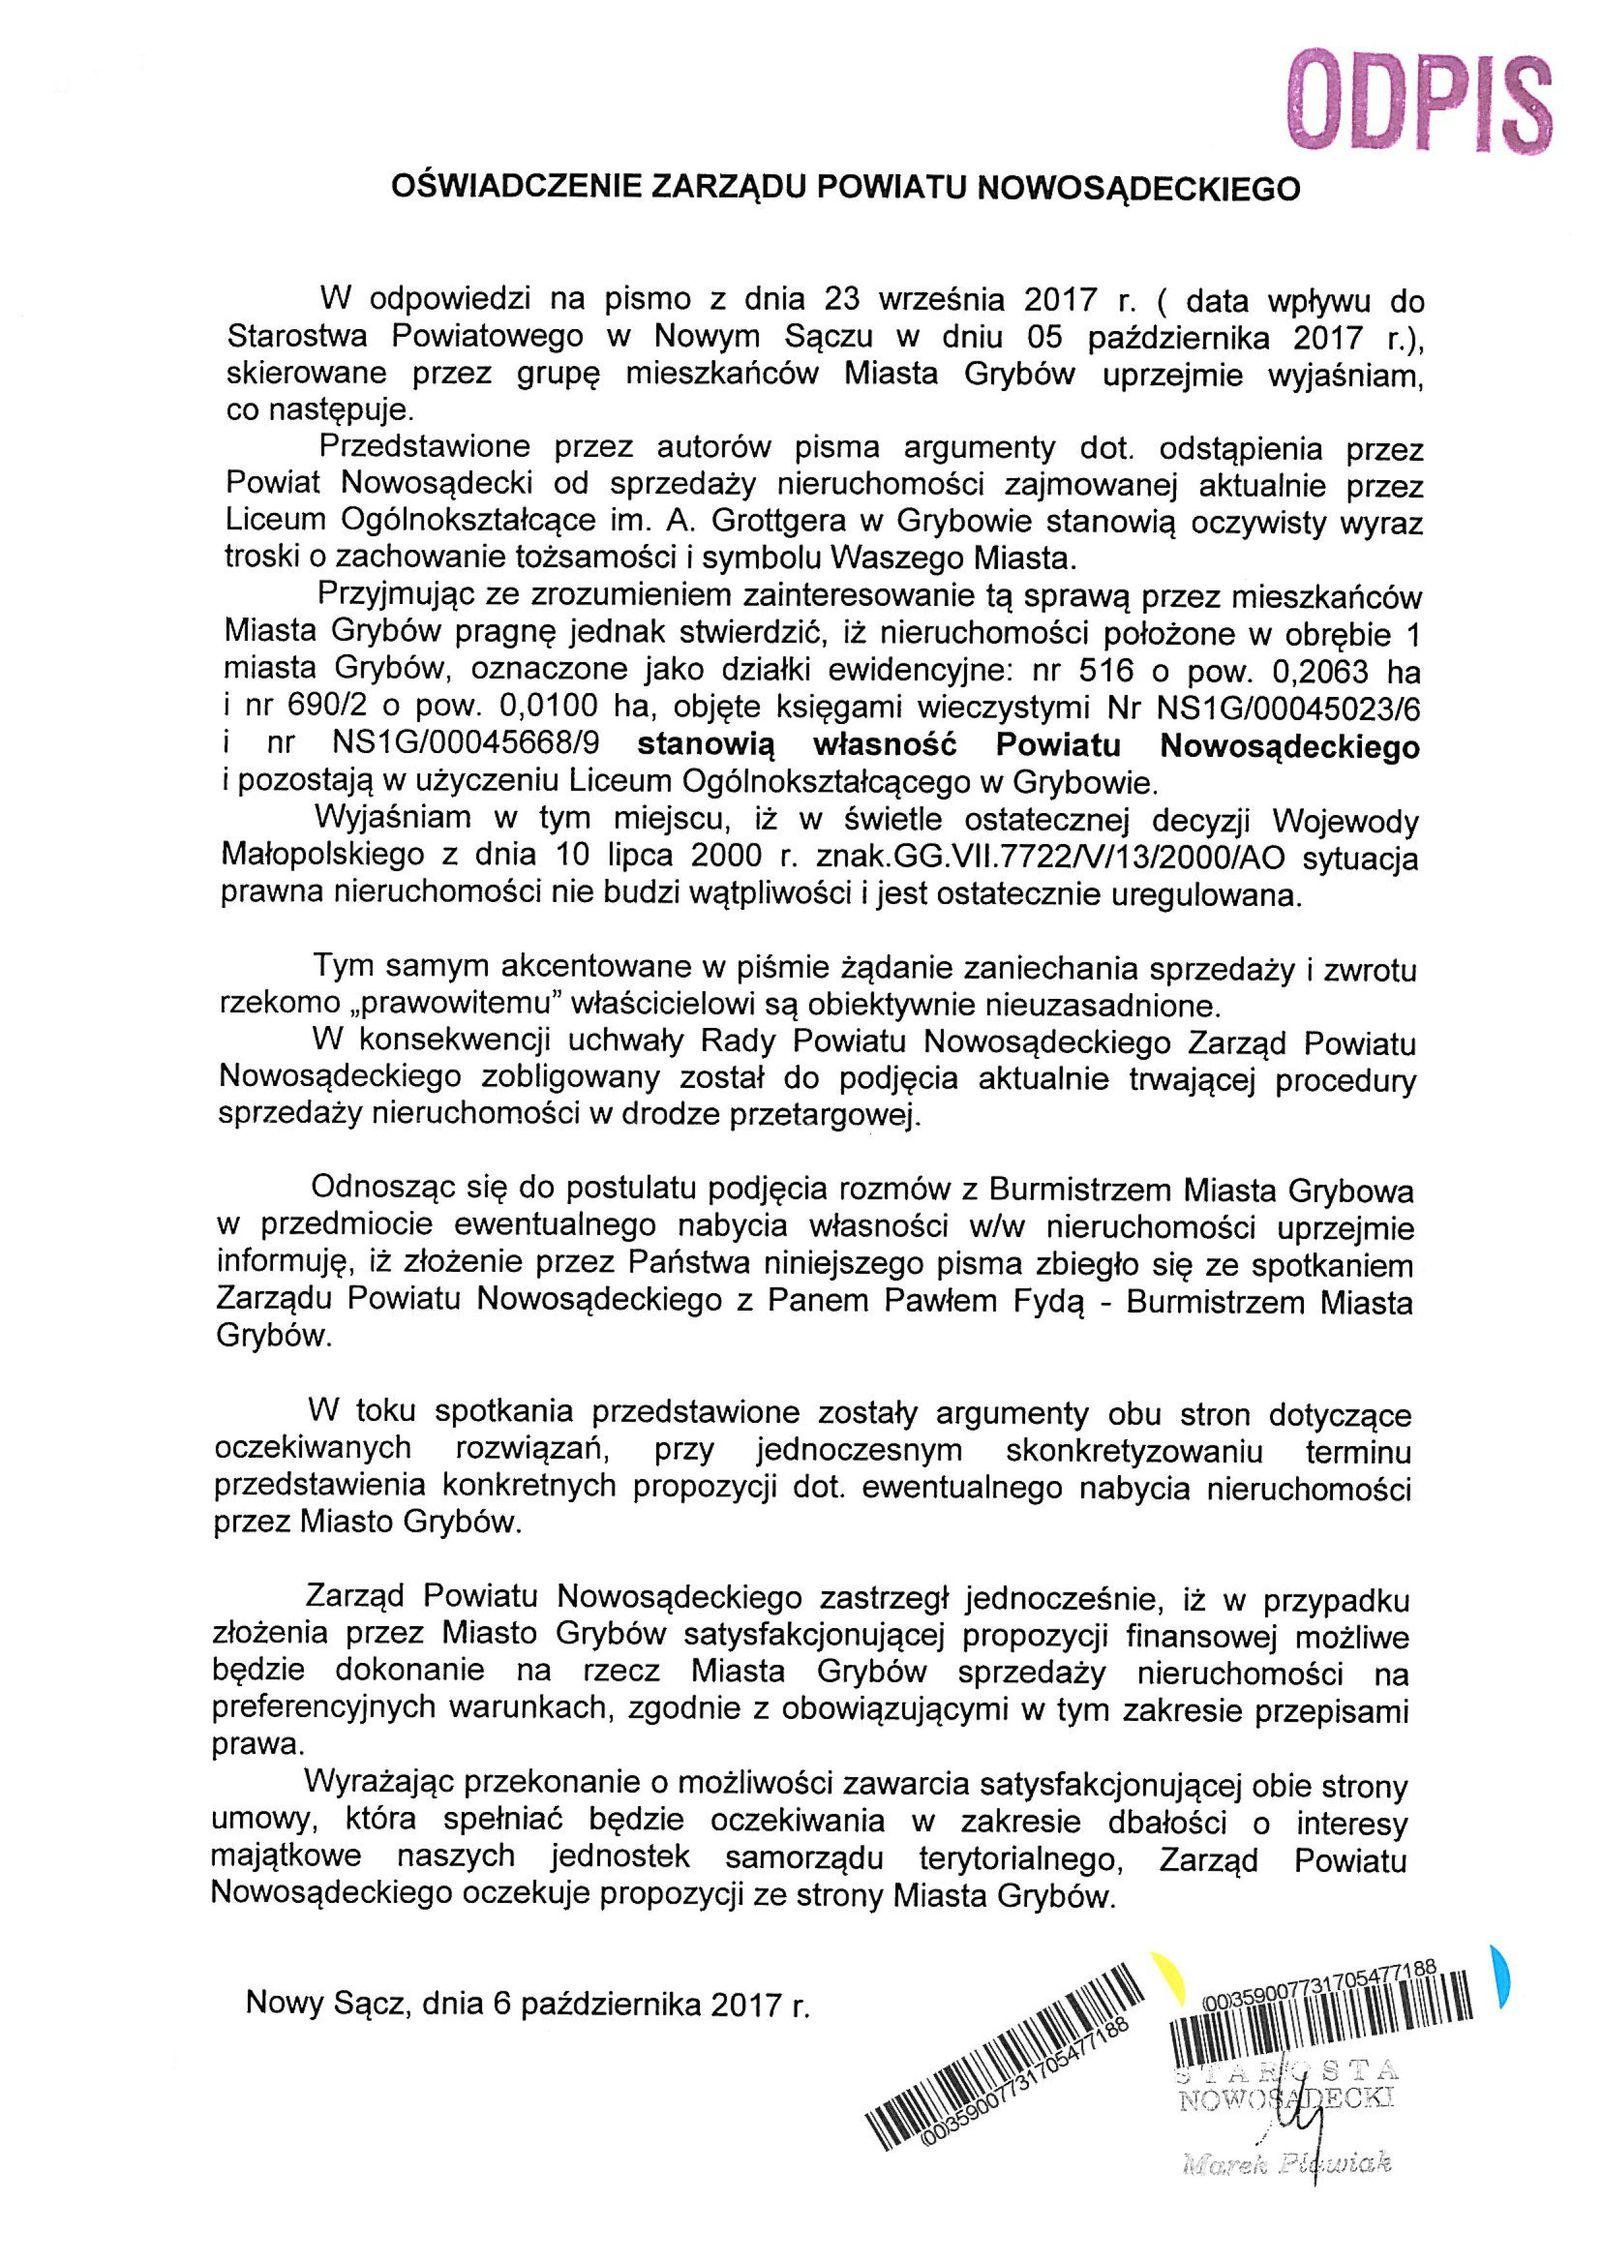 Oświadczenie Zarządu Powiatu Nowosądeckiego